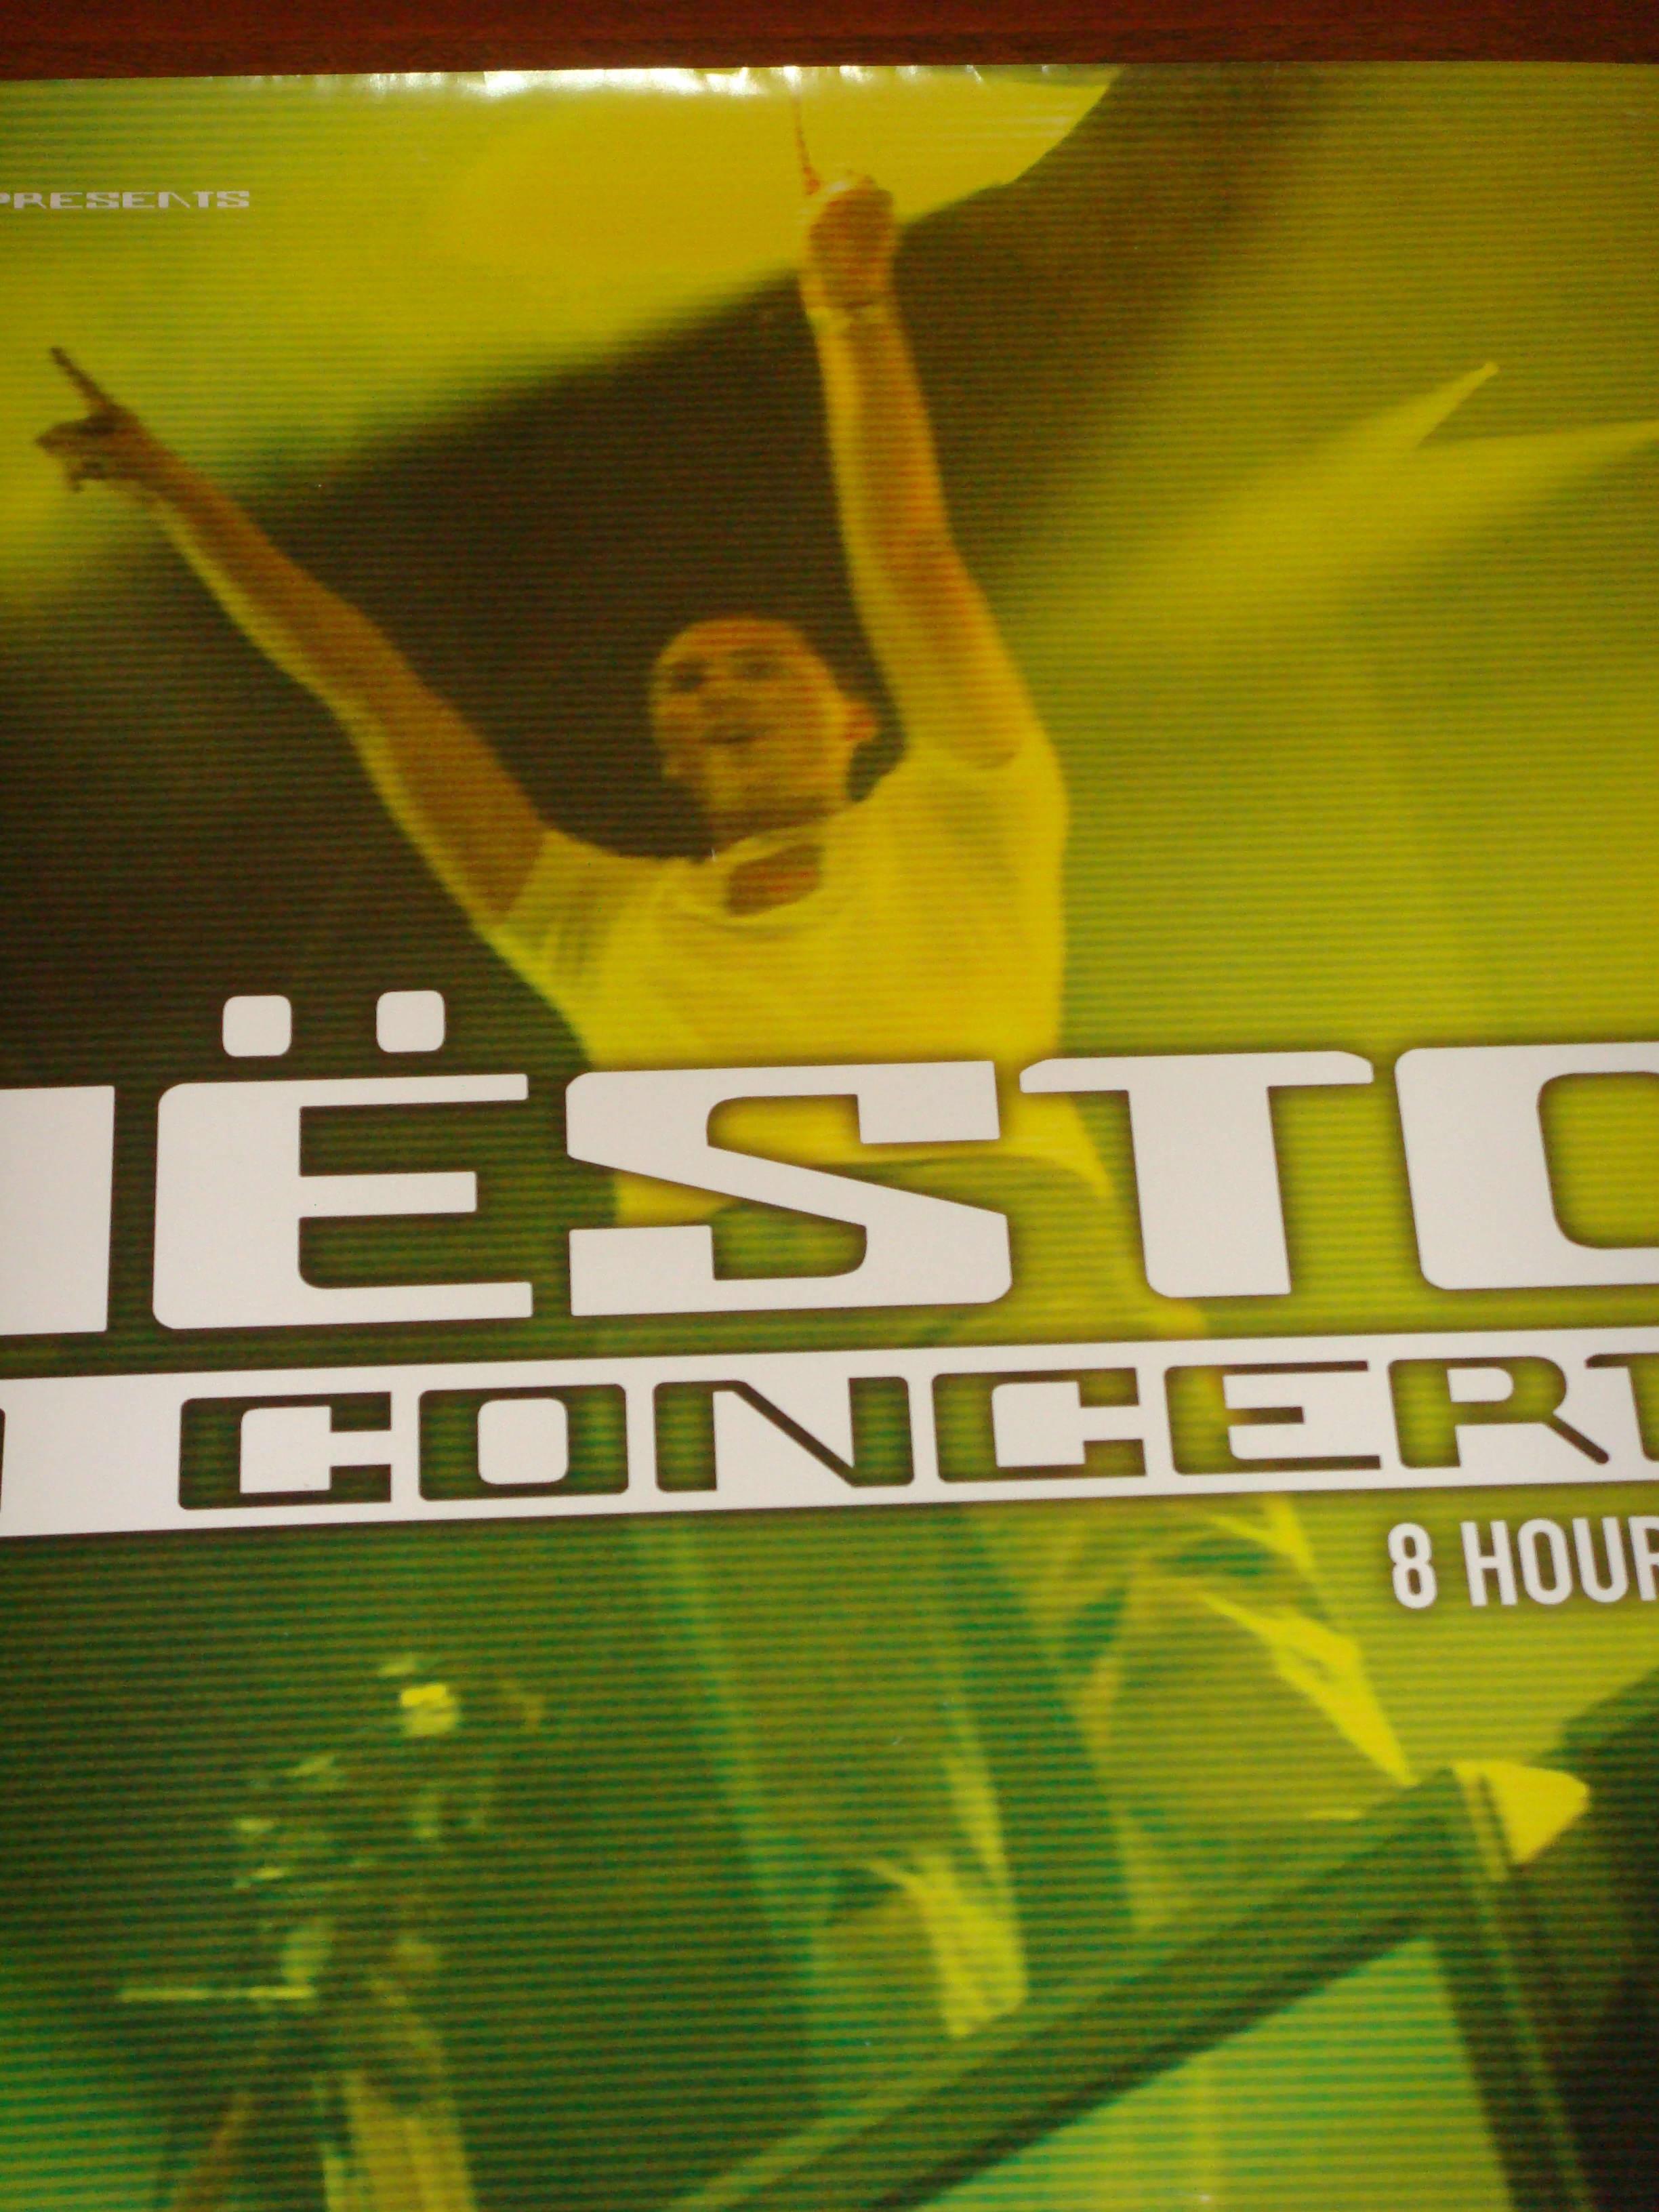 Dj Tiesto in Concert 2003 Poster